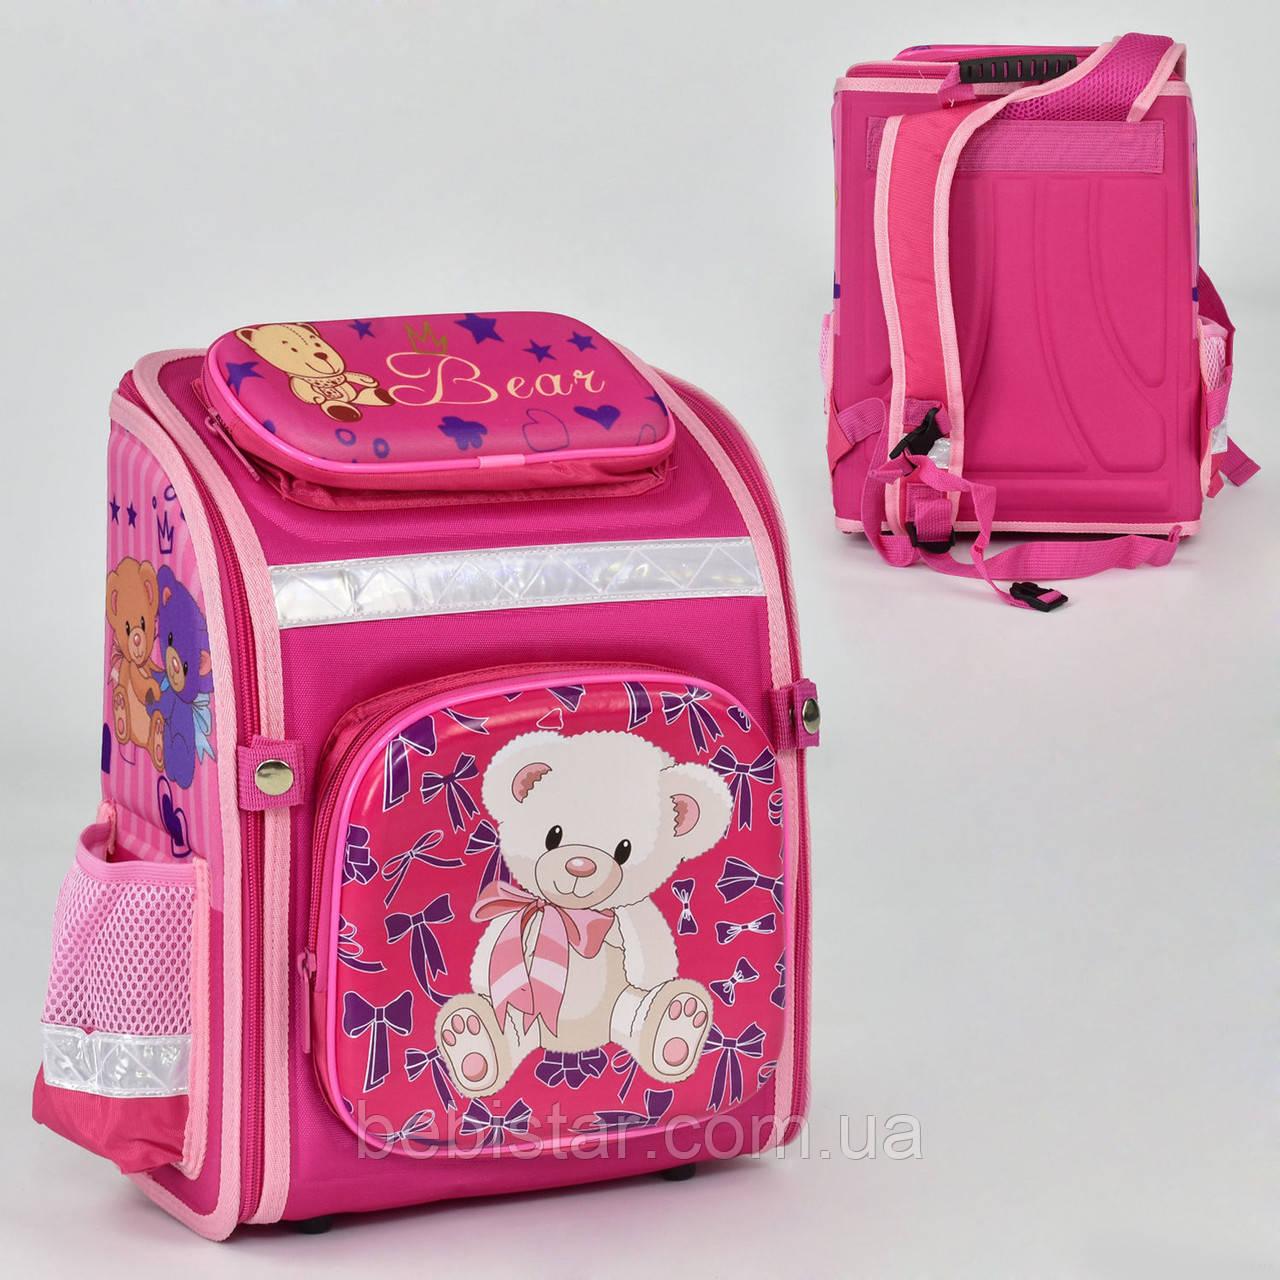 Школьный рюкзак ортопедическая спинка 3 кармана с изображением медвежонка